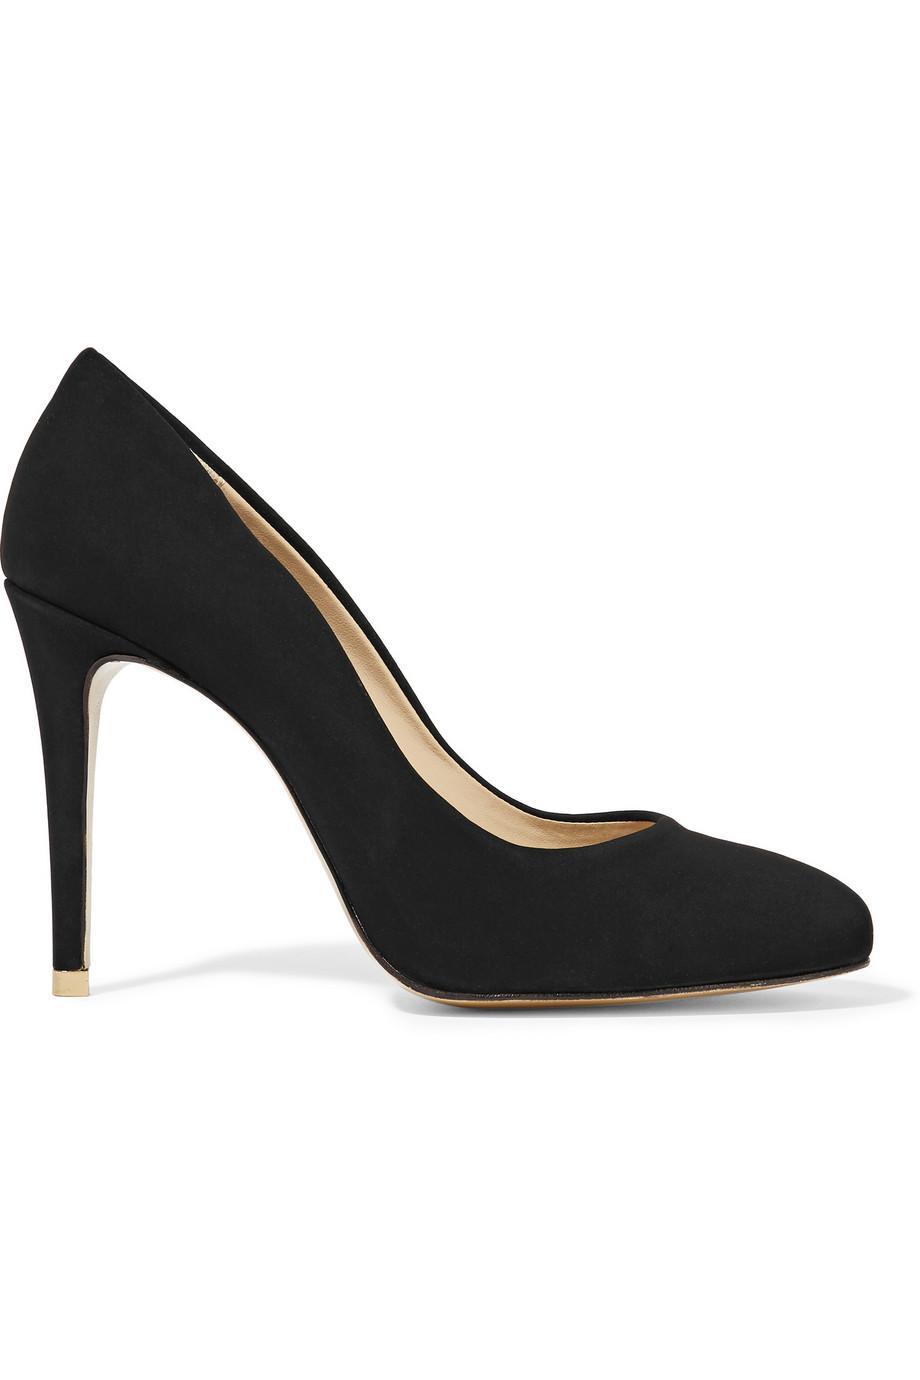 55-Stella-McCartney-women-s-faux-suede-pumps-1.jpg